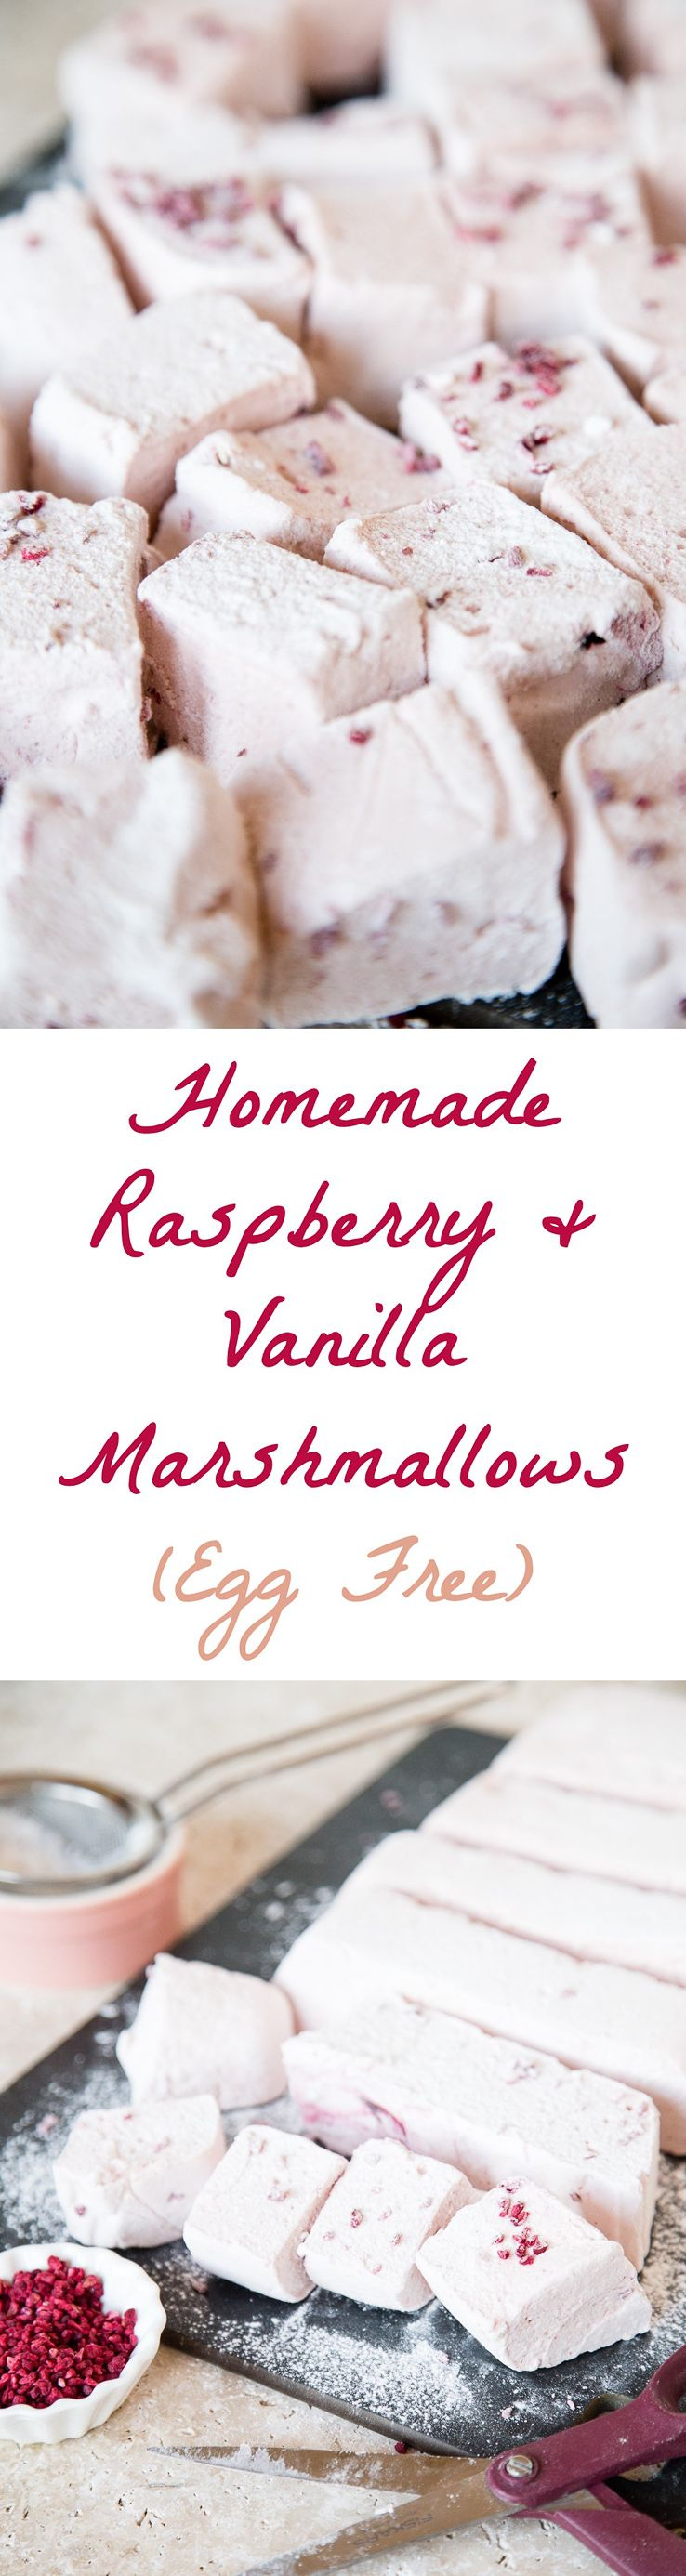 Homemade Vanilla Marshmallows (Egg Free, Gluten Free) #marshmallows